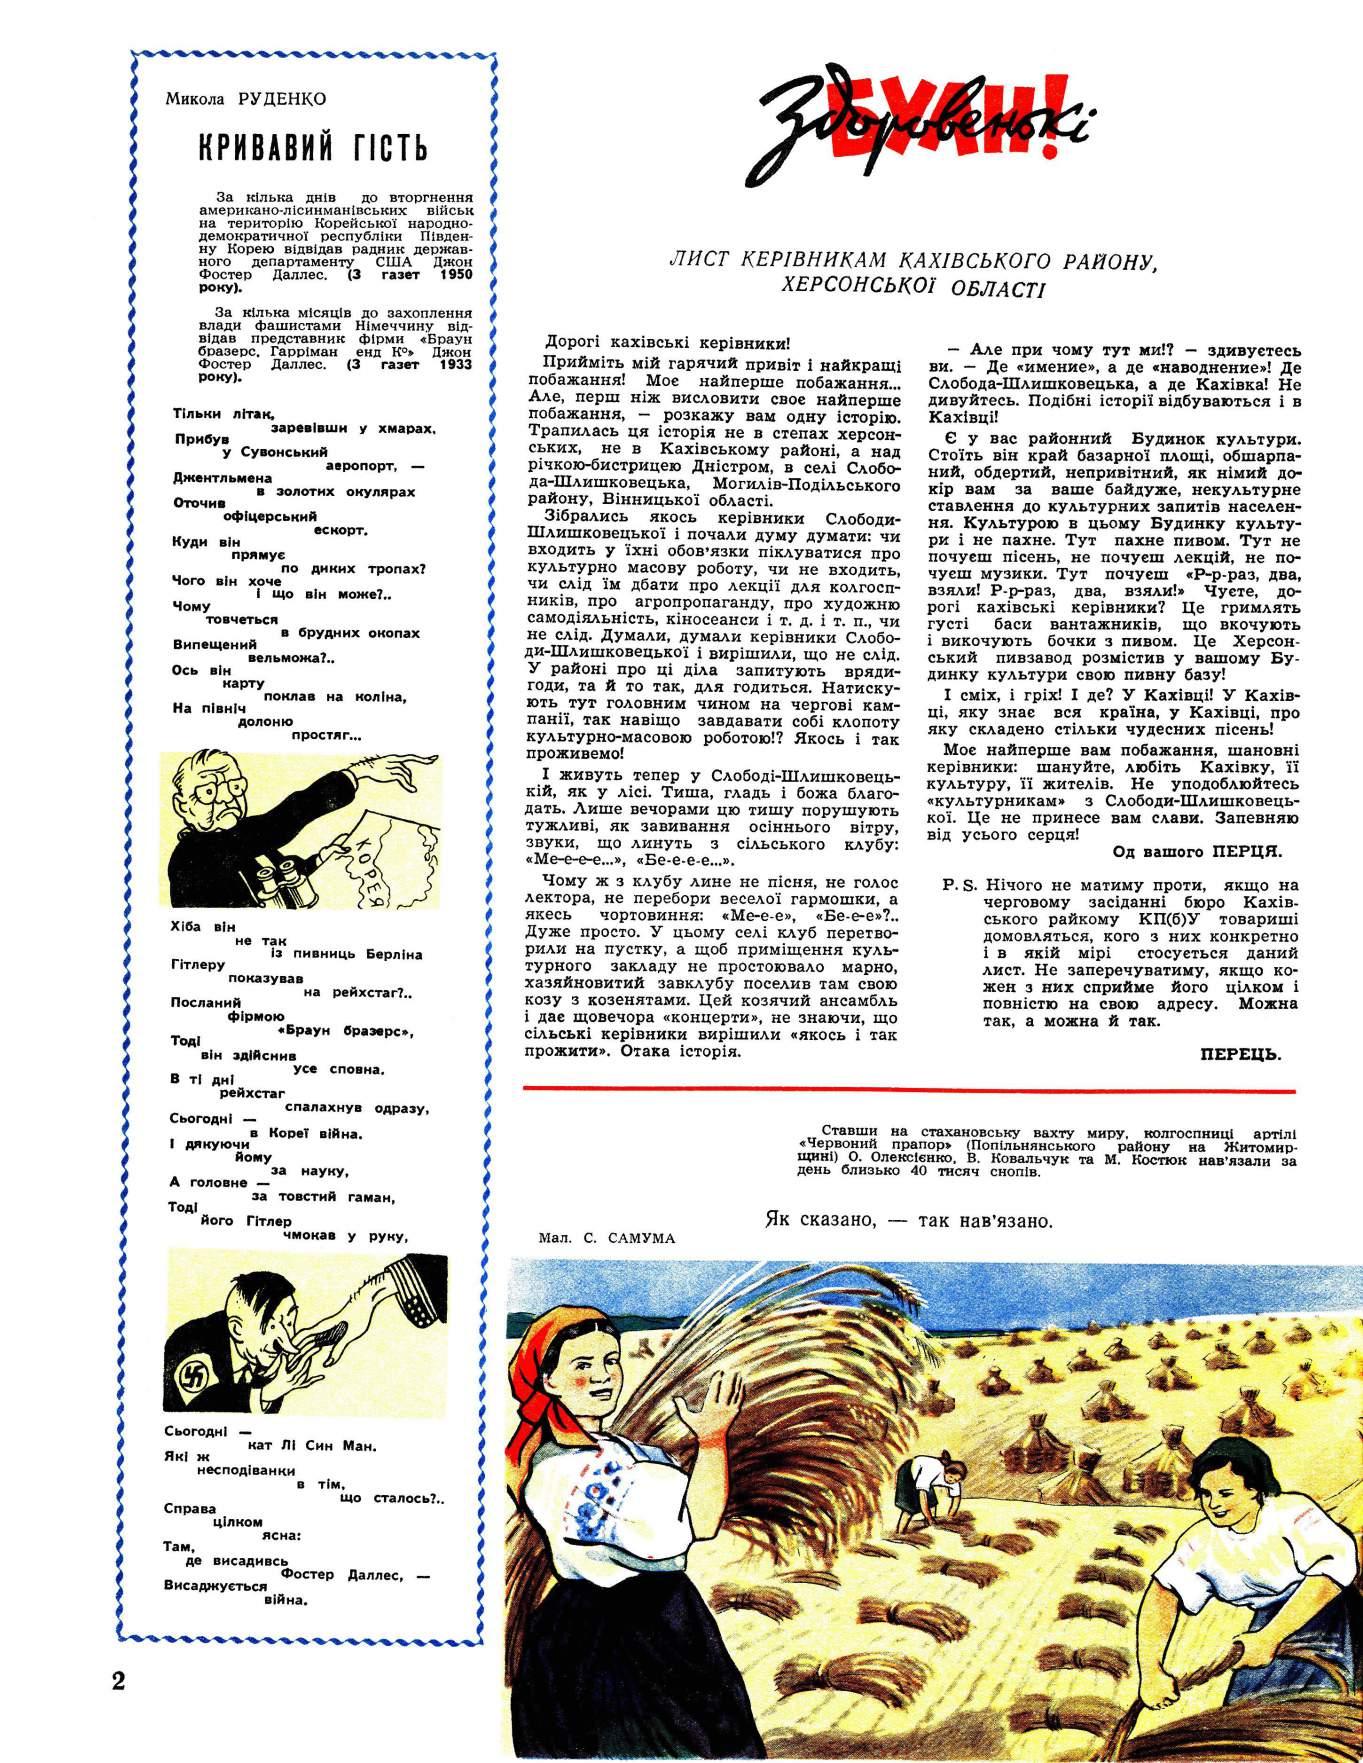 Журнал перець 1950 №15